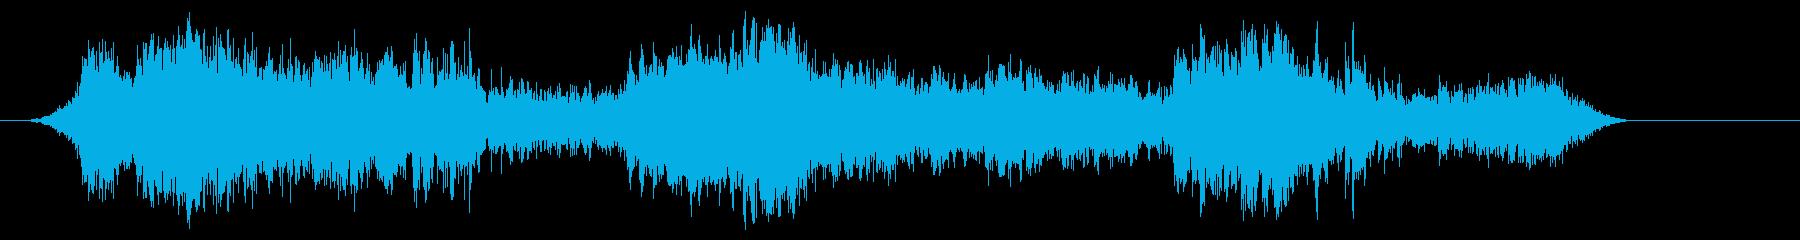 心臓モニター遅い心拍パルスの再生済みの波形